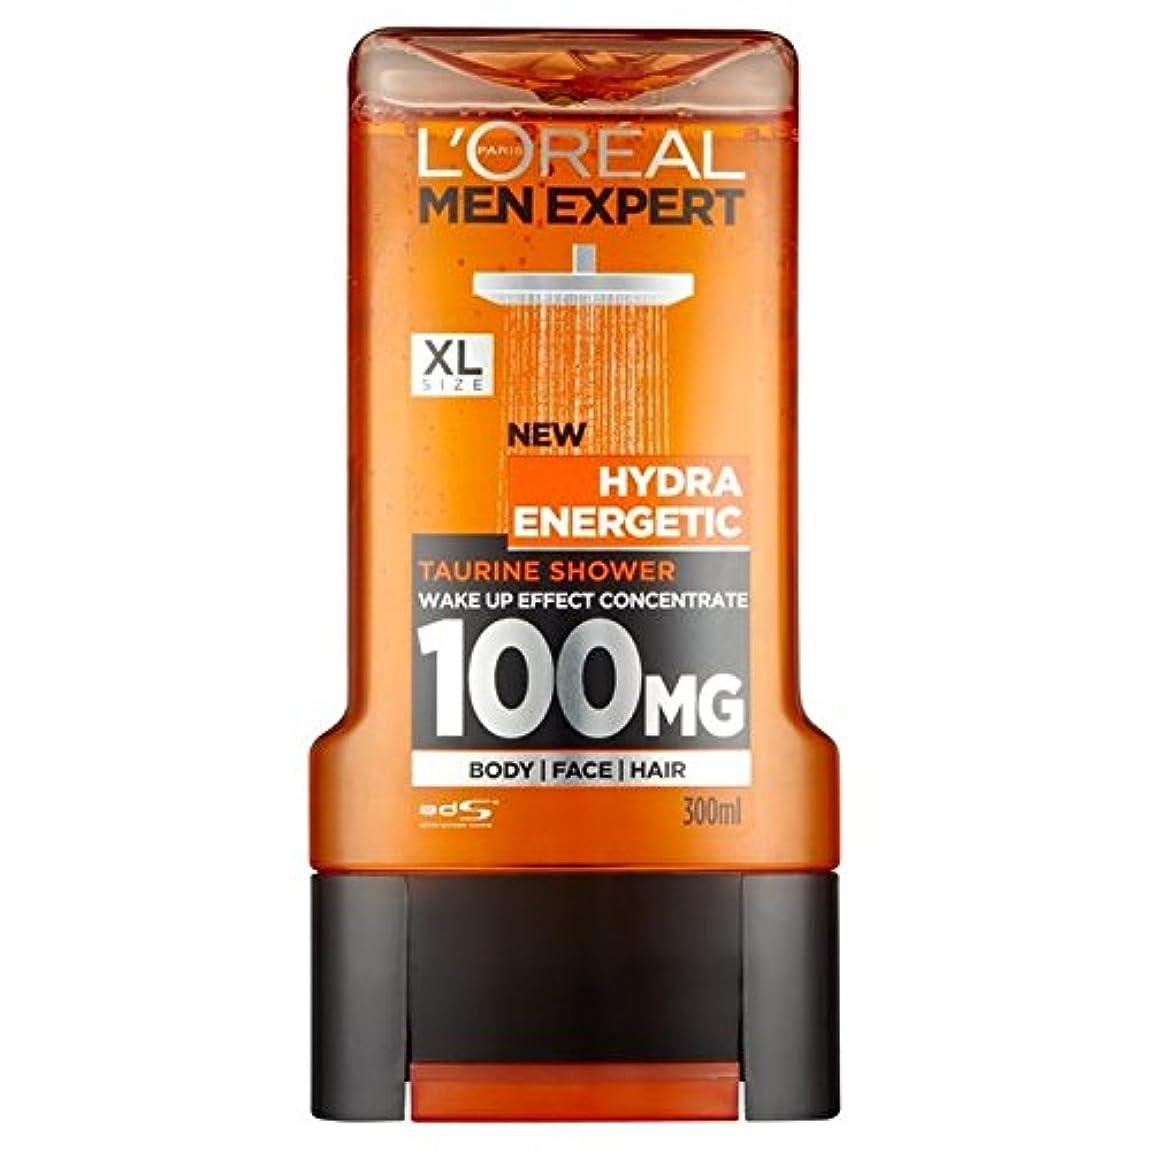 やさしい反響する可愛いL'Oreal Paris Men Expert Hydra Energetic Shower Gel 300ml - ロレアルパリのメンズ専門家ヒドラエネルギッシュなシャワージェル300ミリリットル [並行輸入品]